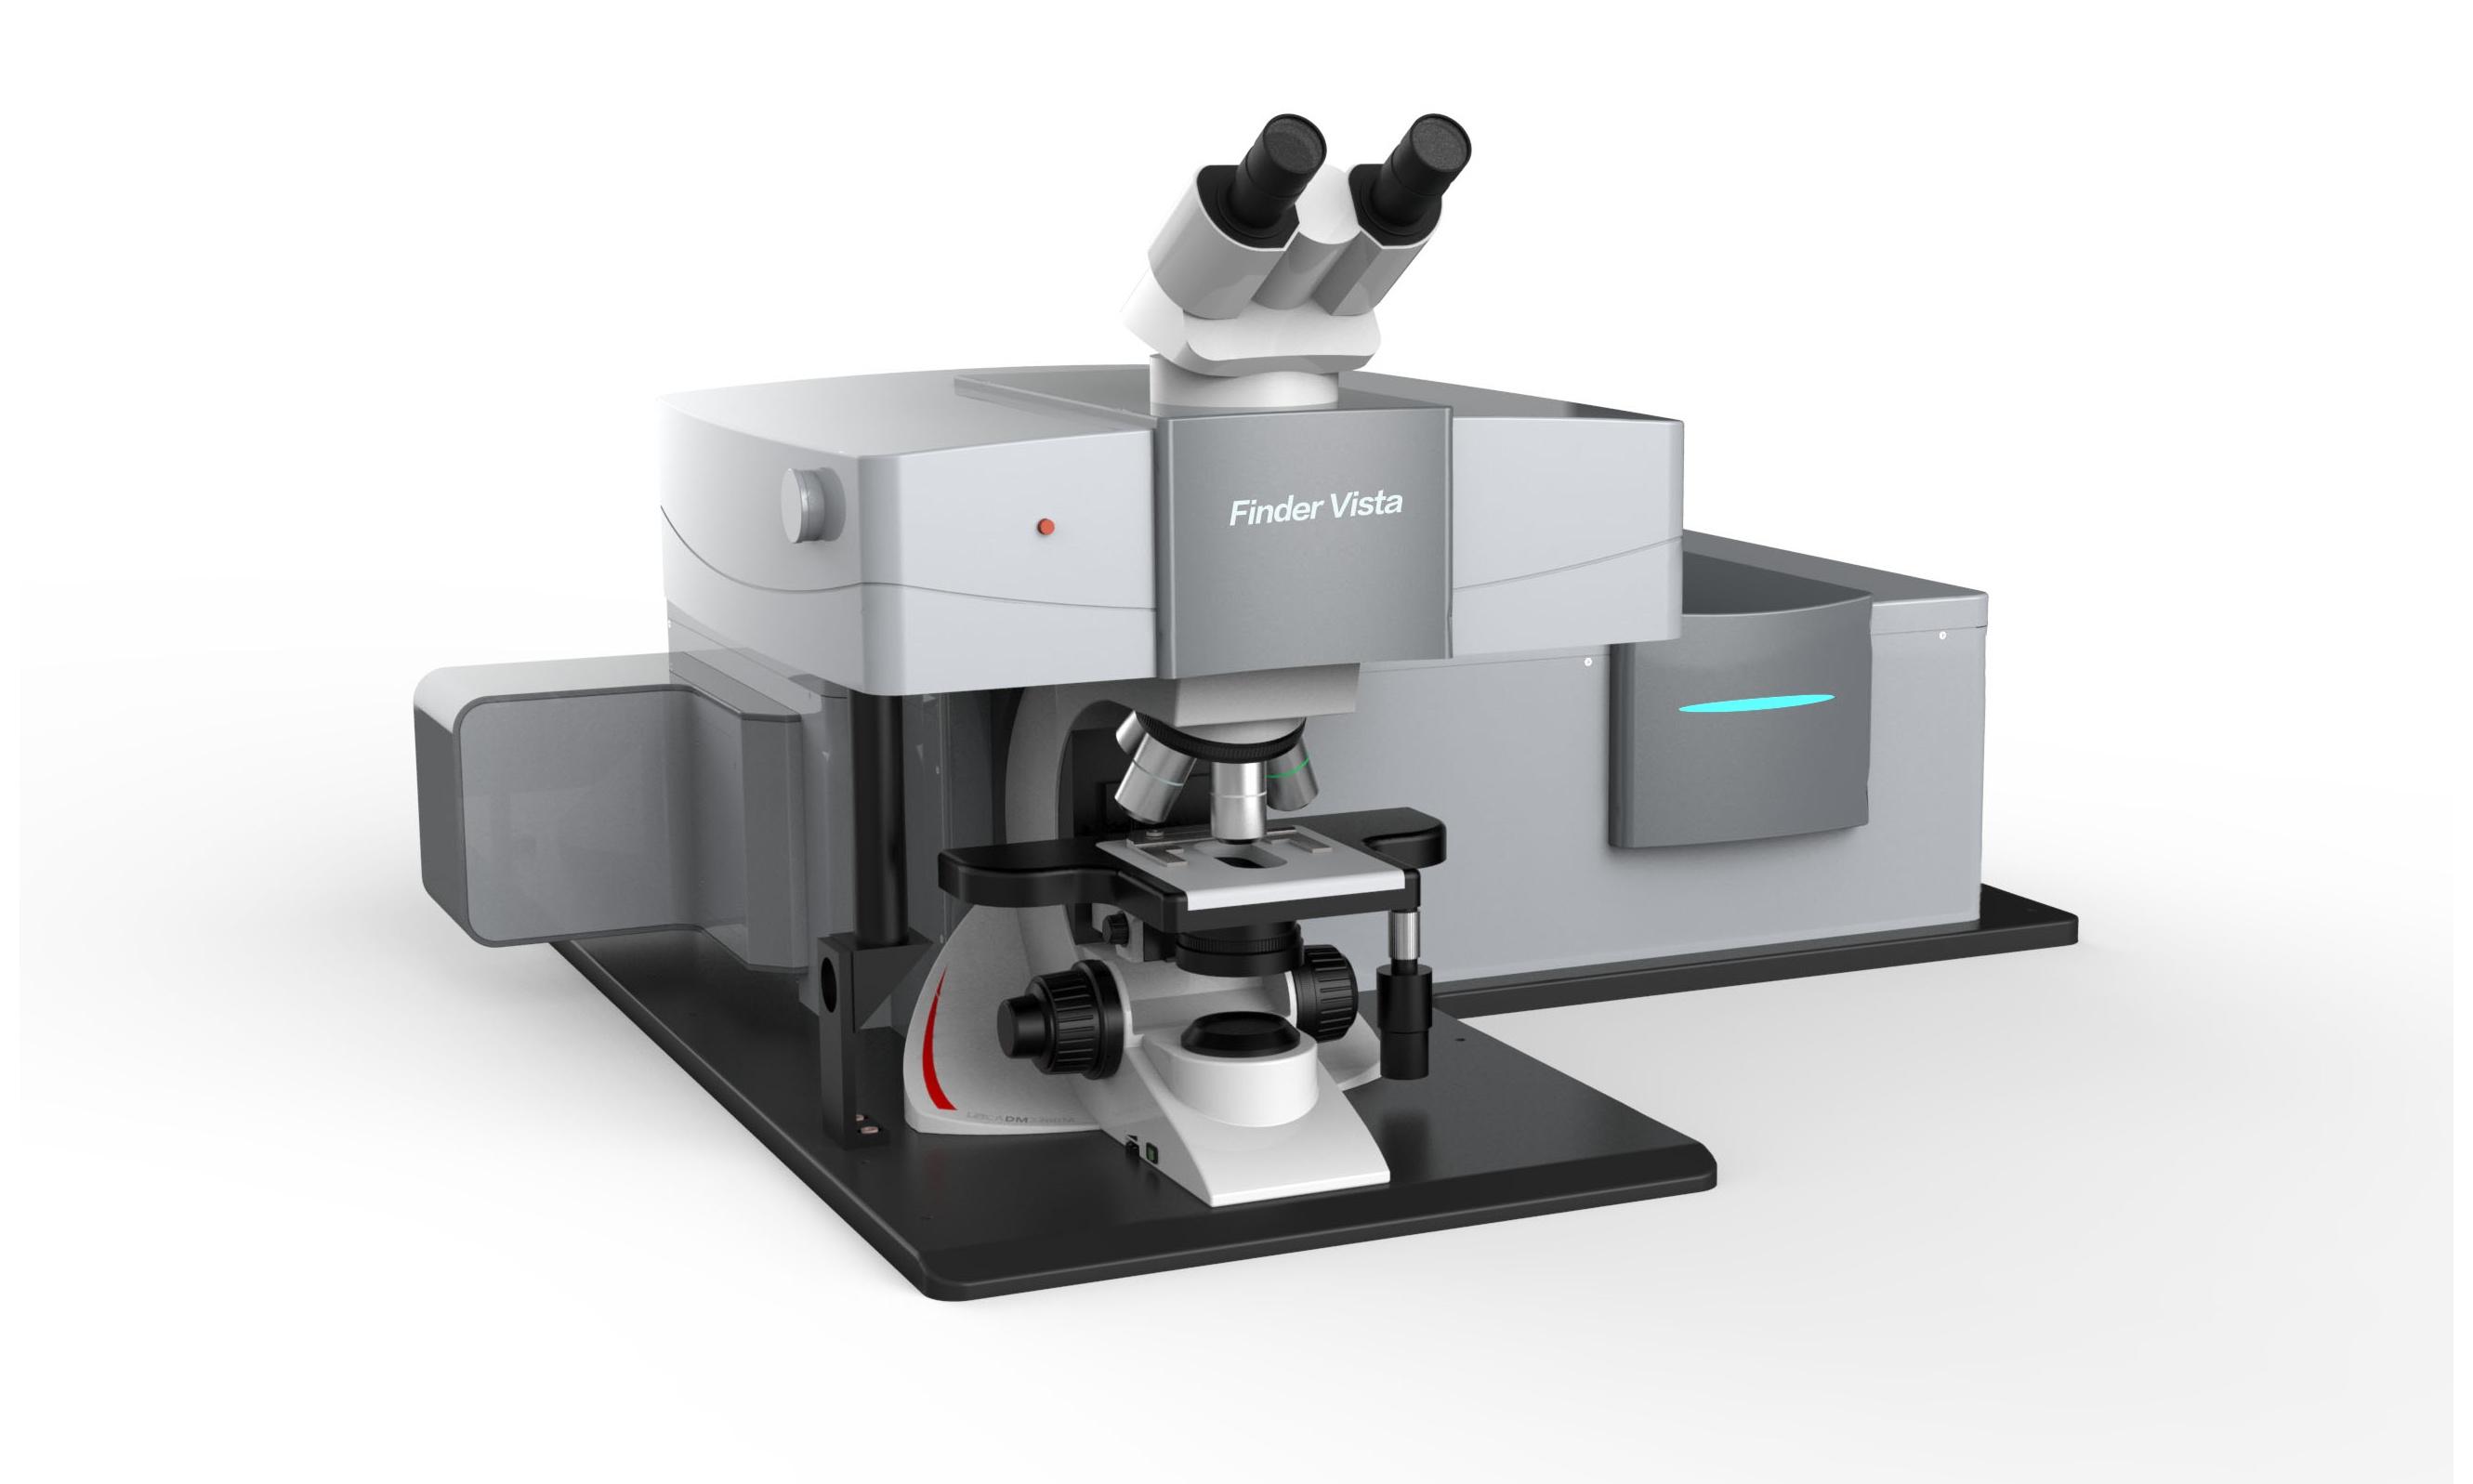 大连化学物理研究所显微拉曼光谱仪招标公告